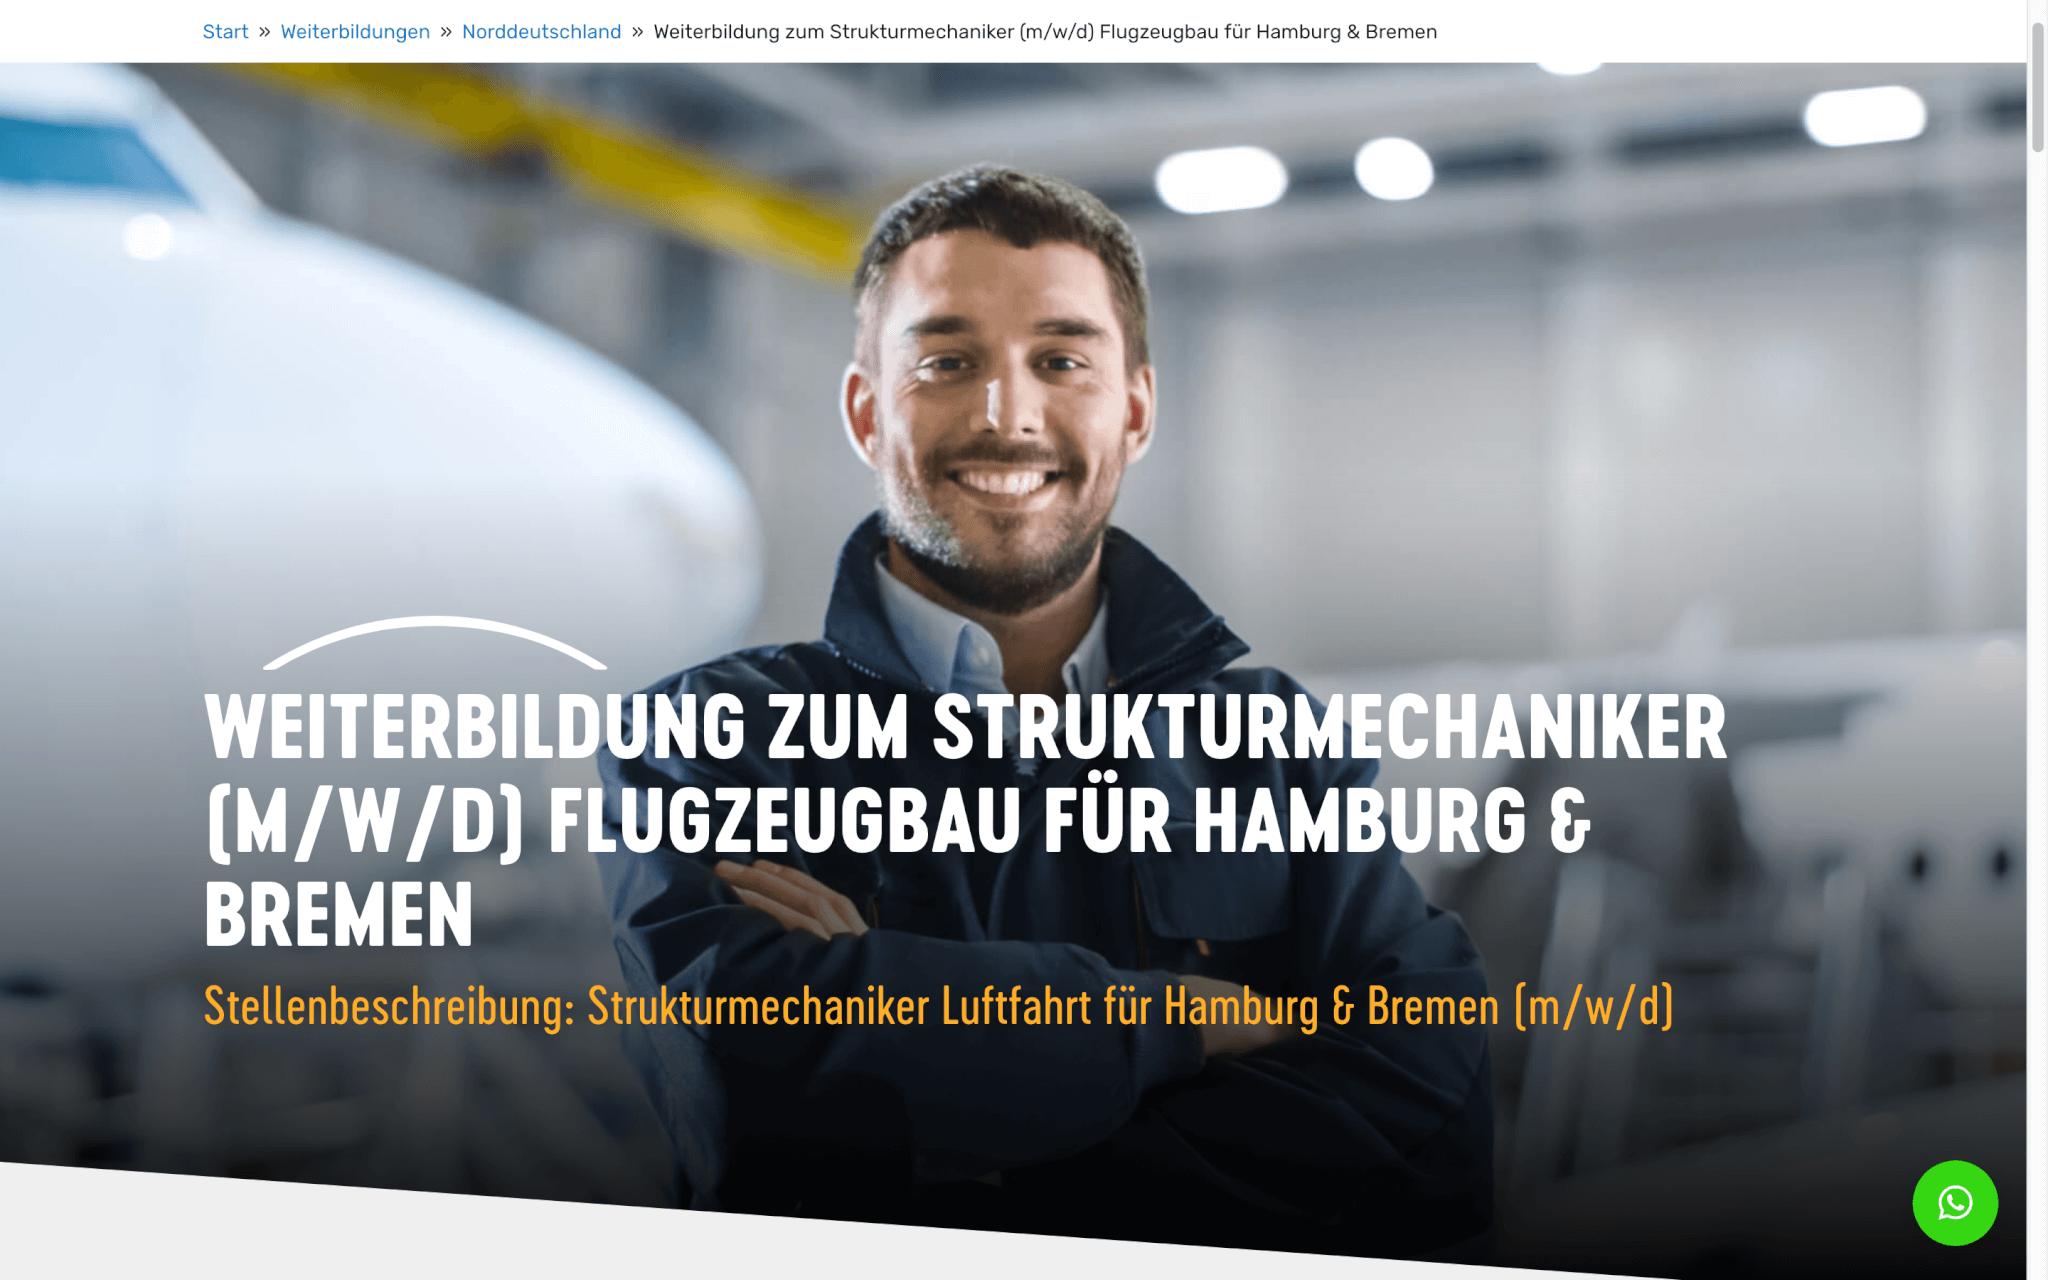 www.agilios-akademie.de_weiterbildung_weiterbildung-zum-strukturmechaniker-m-w-d-flugzeugbau-fuer-hamburg-bremen_